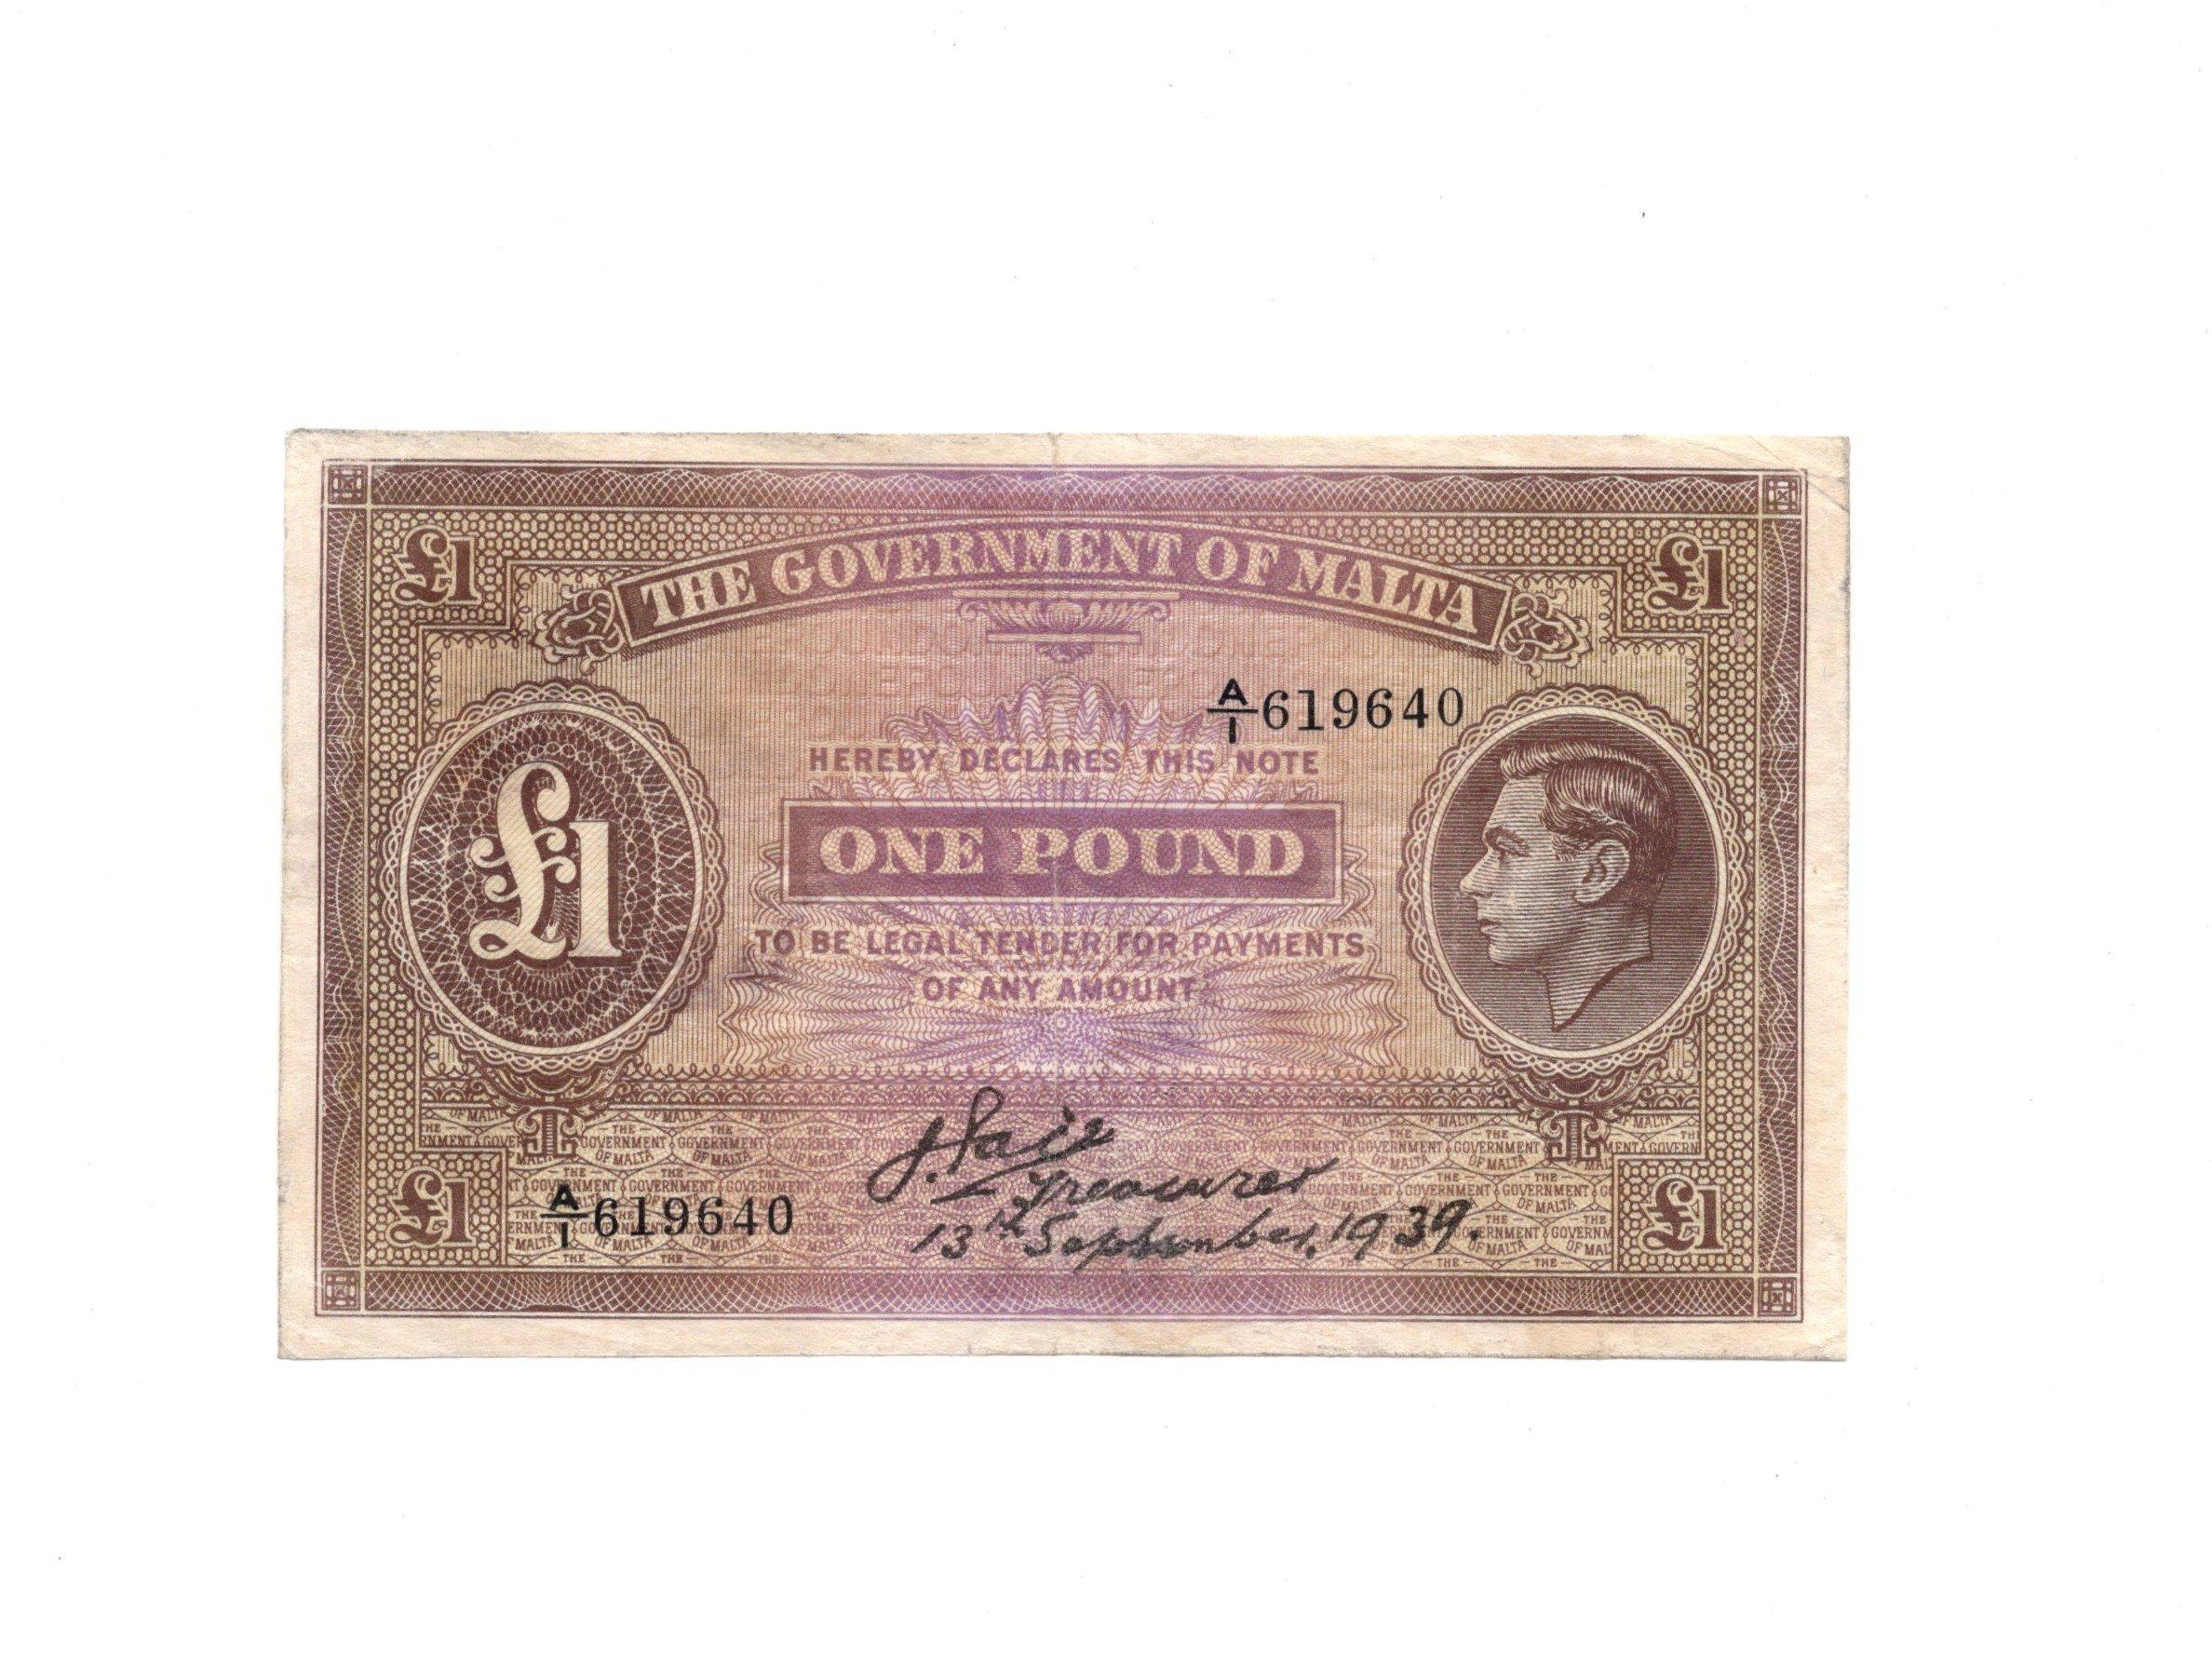 Malta 1 pound 1939